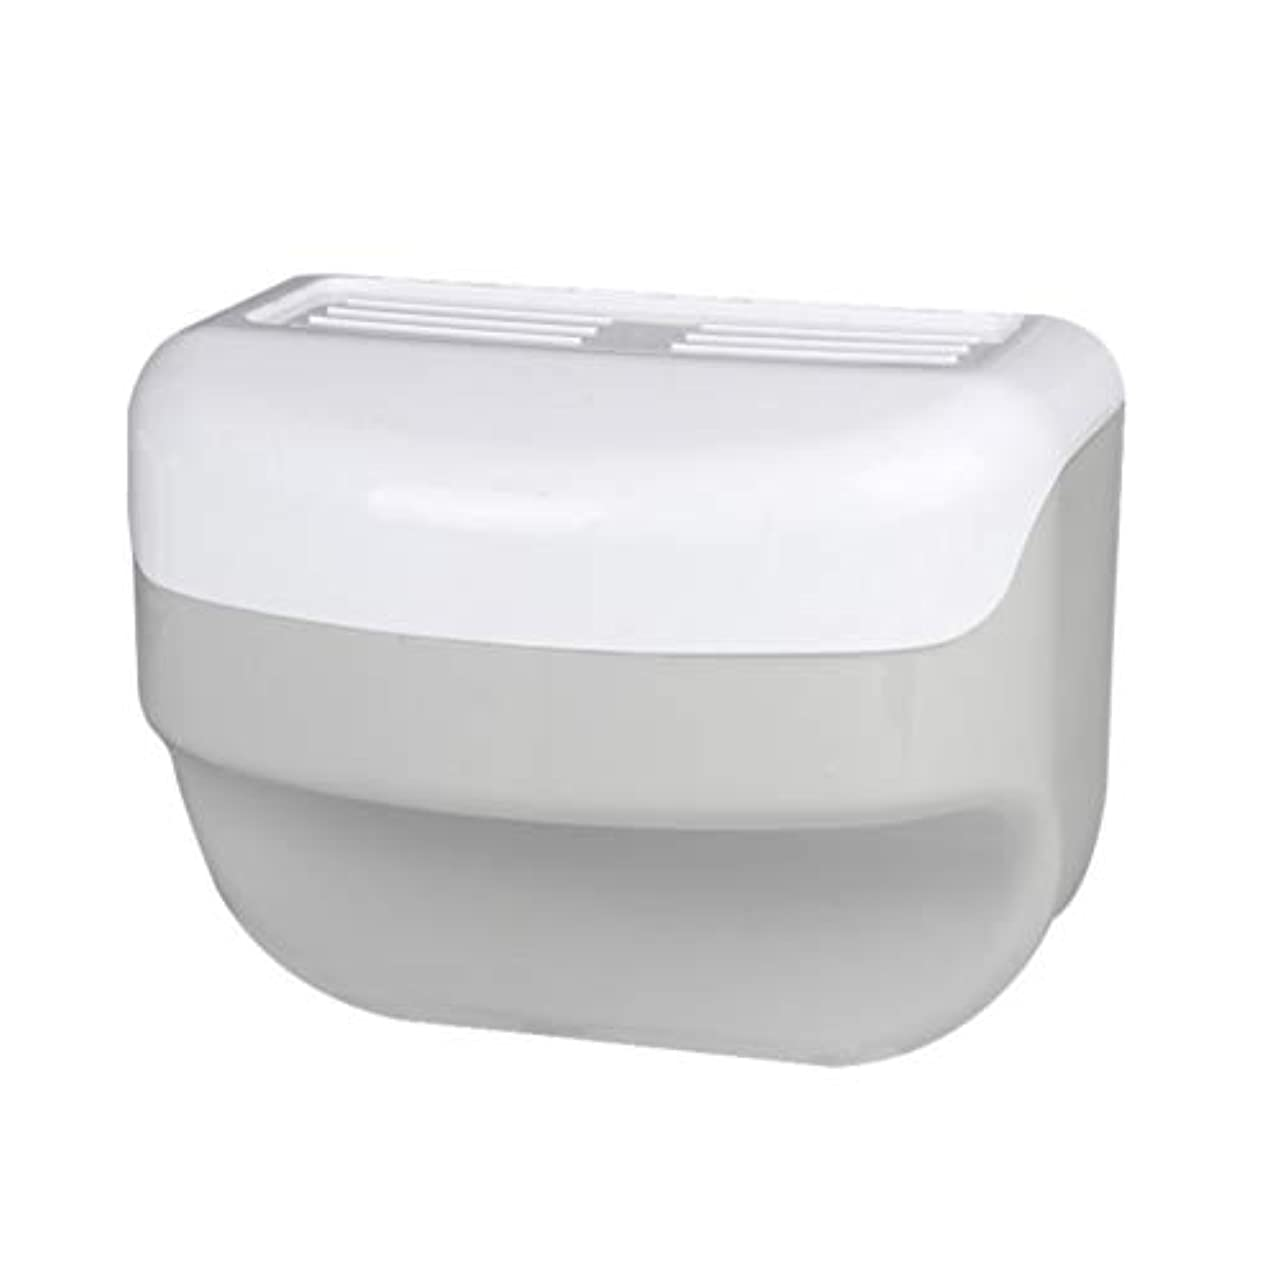 避難提供するページェントTOPBATHY 浴室トイレティッシュボックスラック壁吸盤ロールホルダーフリー掘削ネイルフリーティッシュボックス